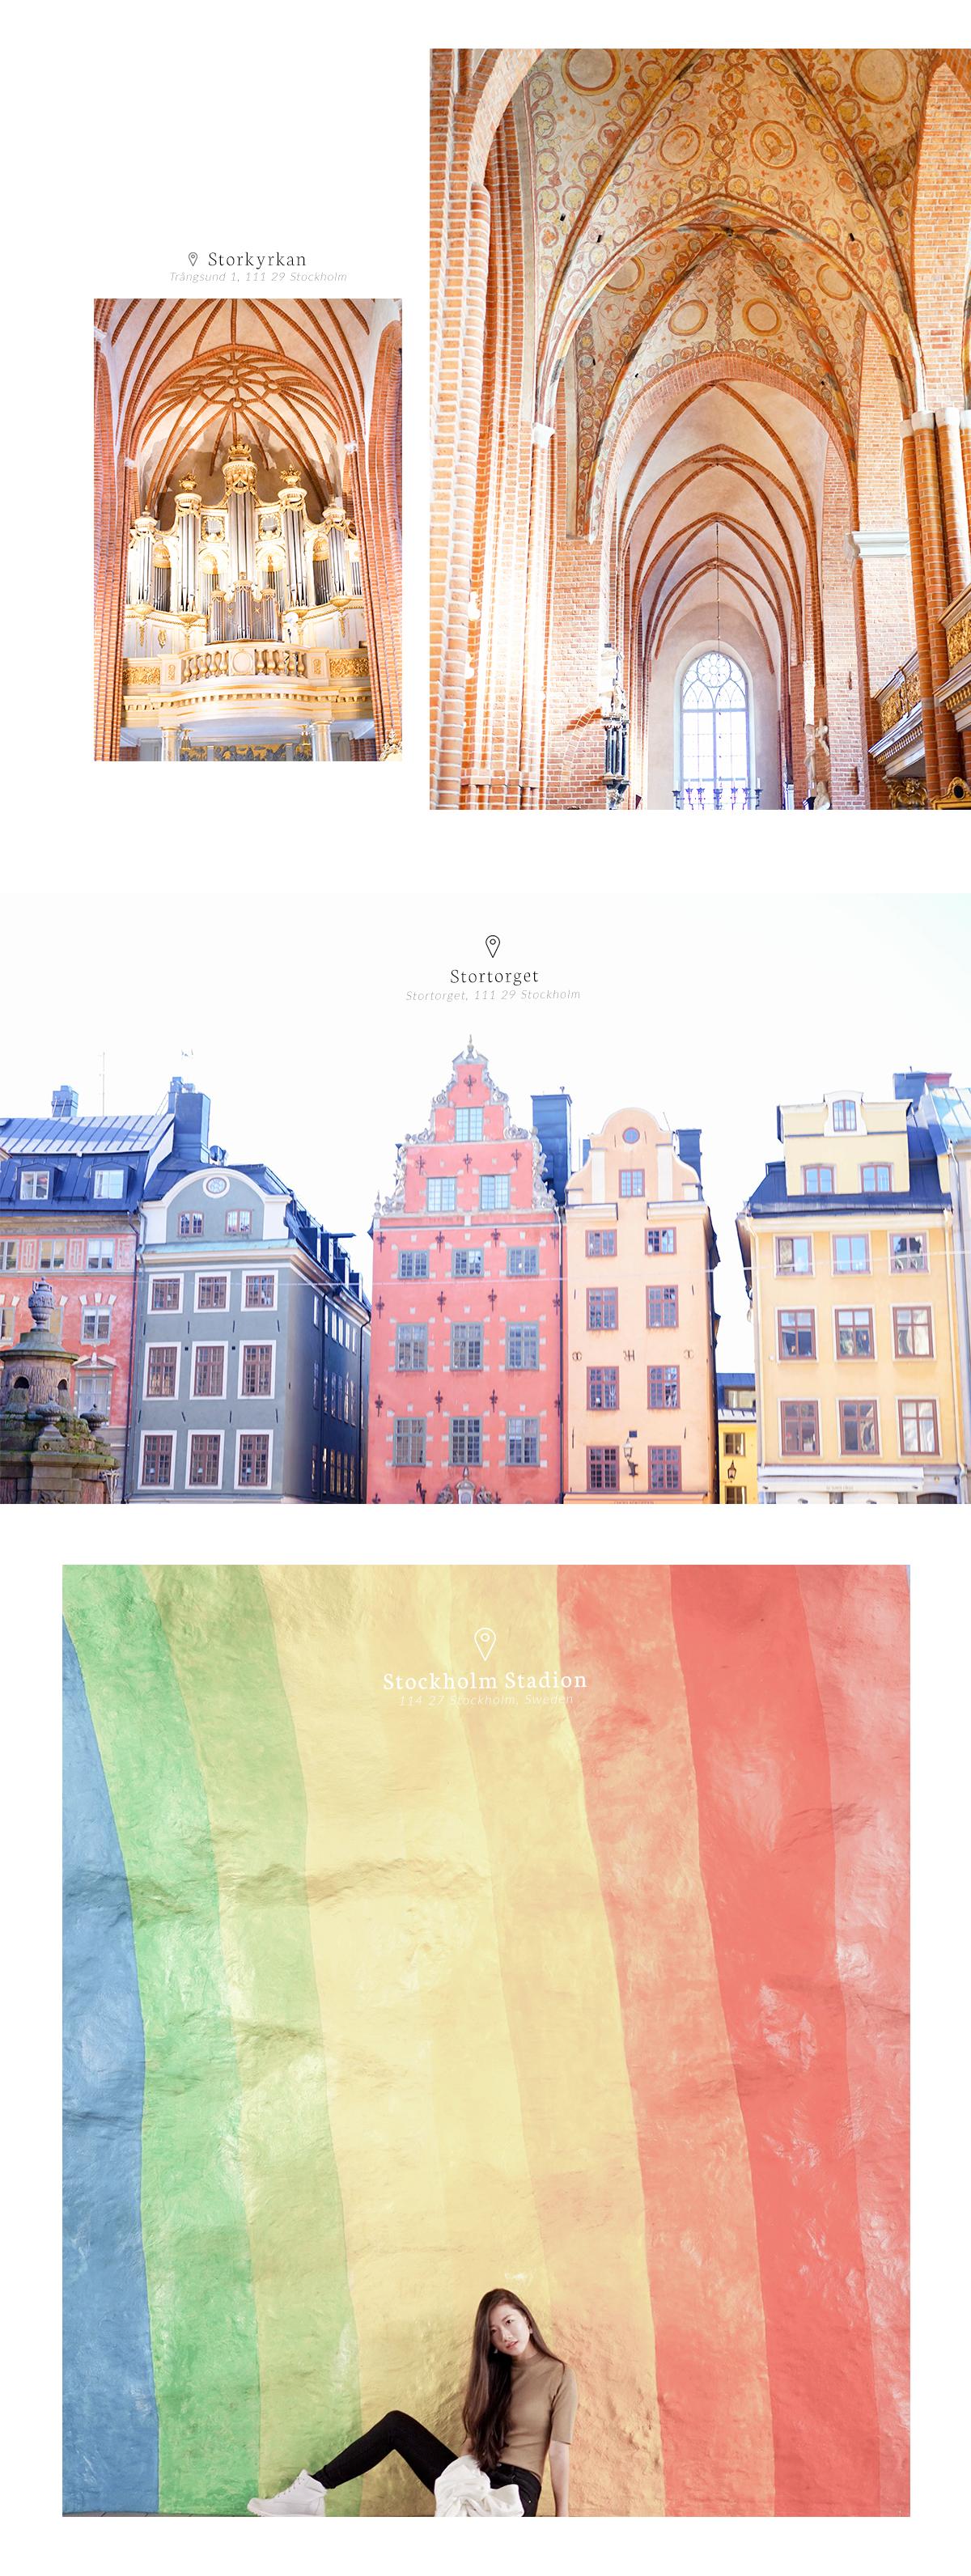 What to do in STOCKHOLM/SWEDEN? Café Saturnus |Storkyrkan |Stortorget |Stockholm Stadion